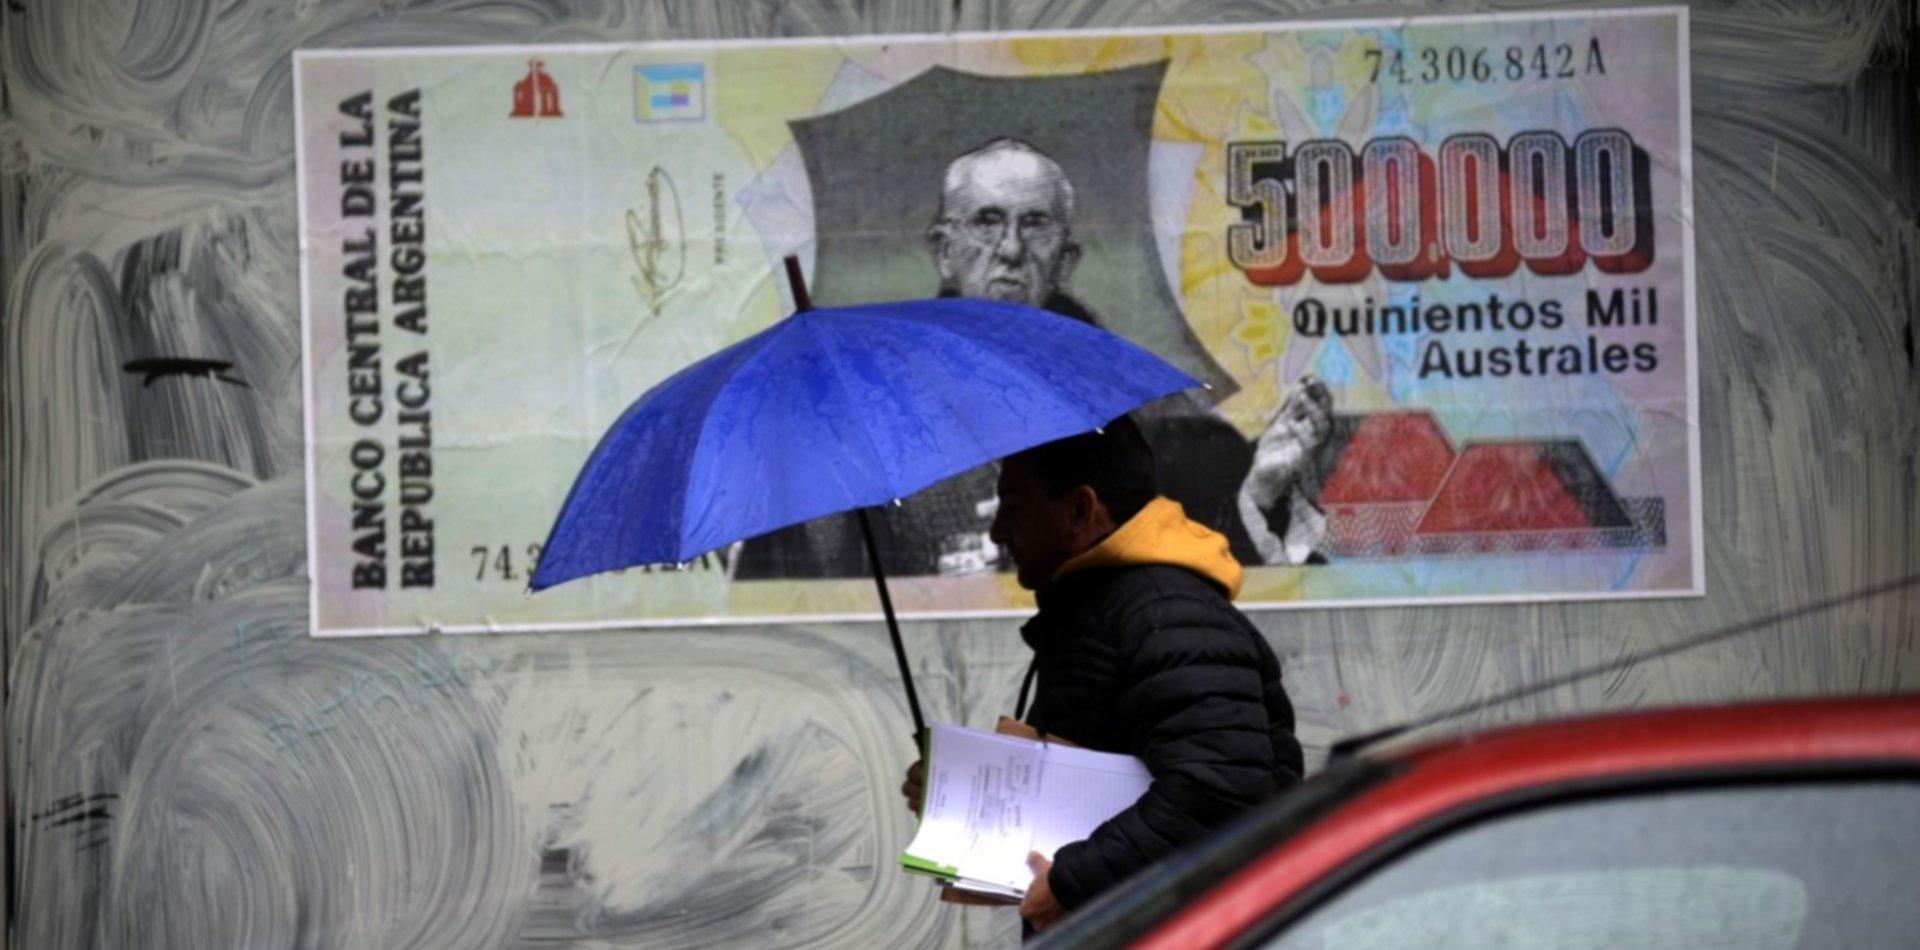 Tras el calor del miércoles, asoman las lluvias: ¿cómo sigue el clima en La Plata?